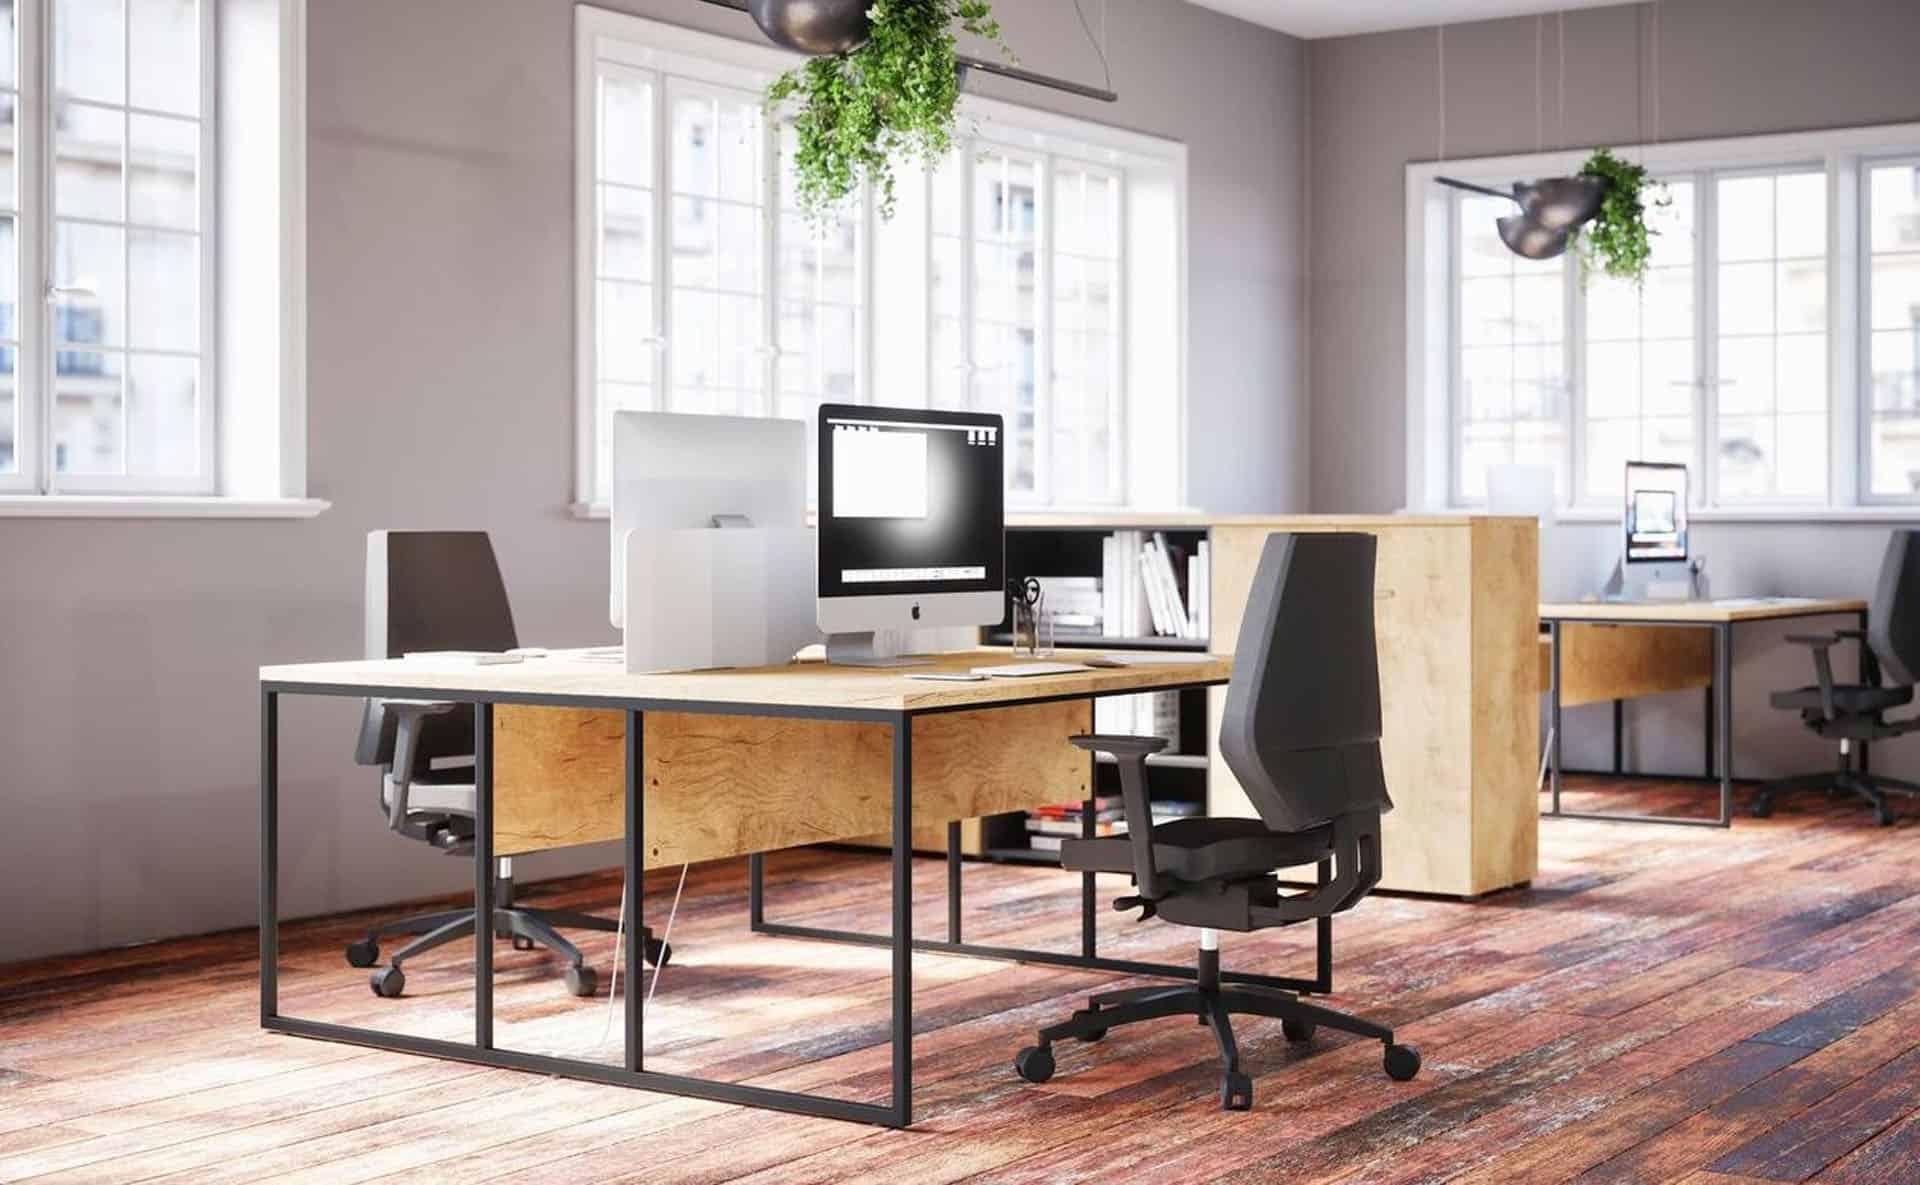 meuble de bureau individuel à Caen Bayeux en Normandie - Buronomic Stricto Sensu Duo